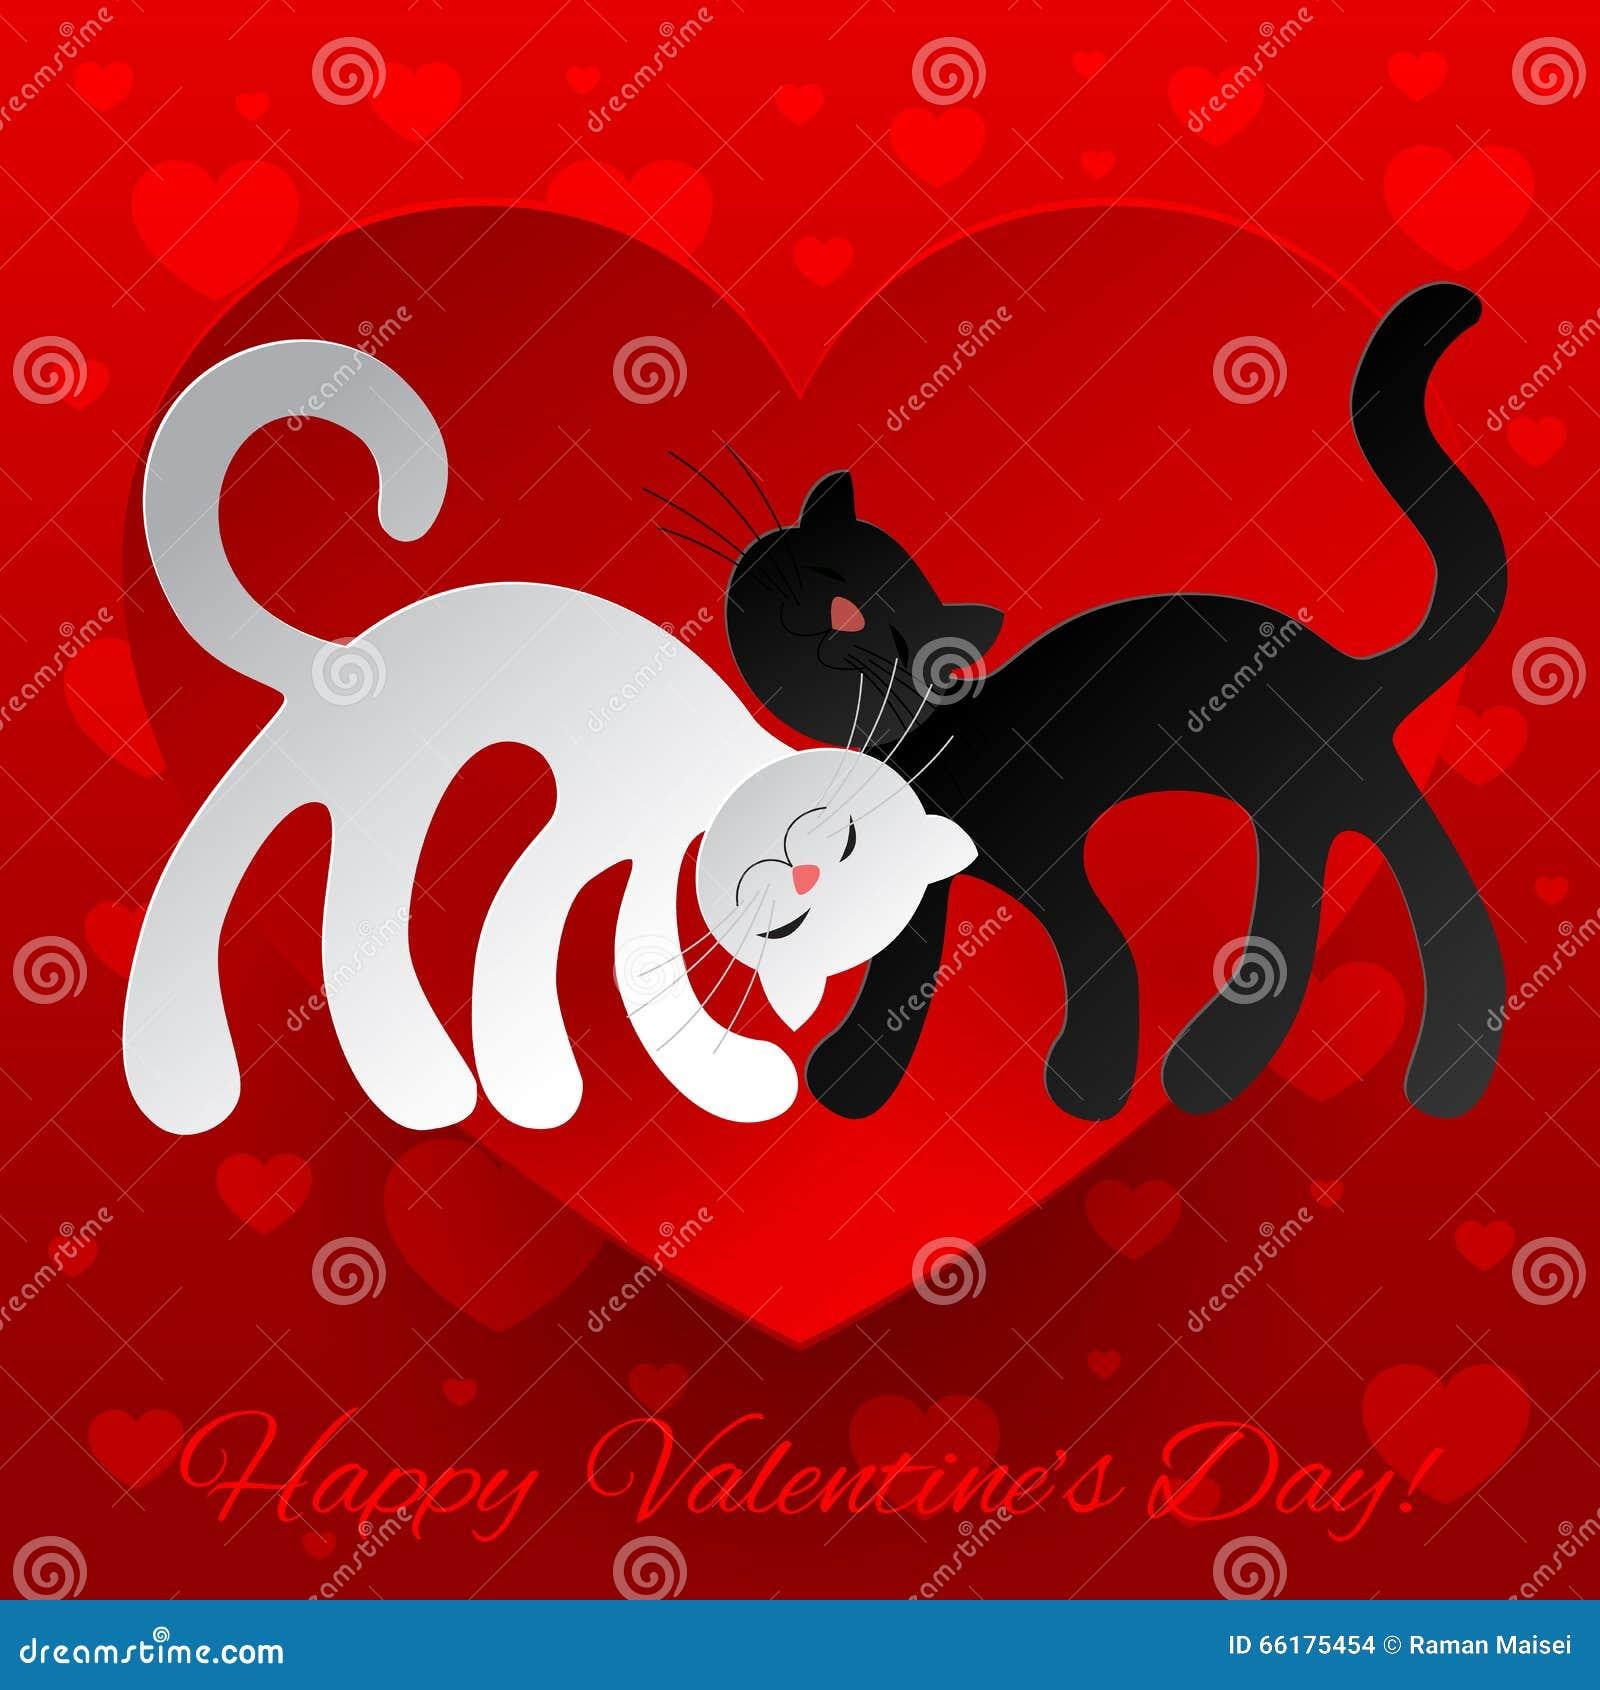 Gatos Enamorados Ilustraciones Stock Vectores Y Clipart 73